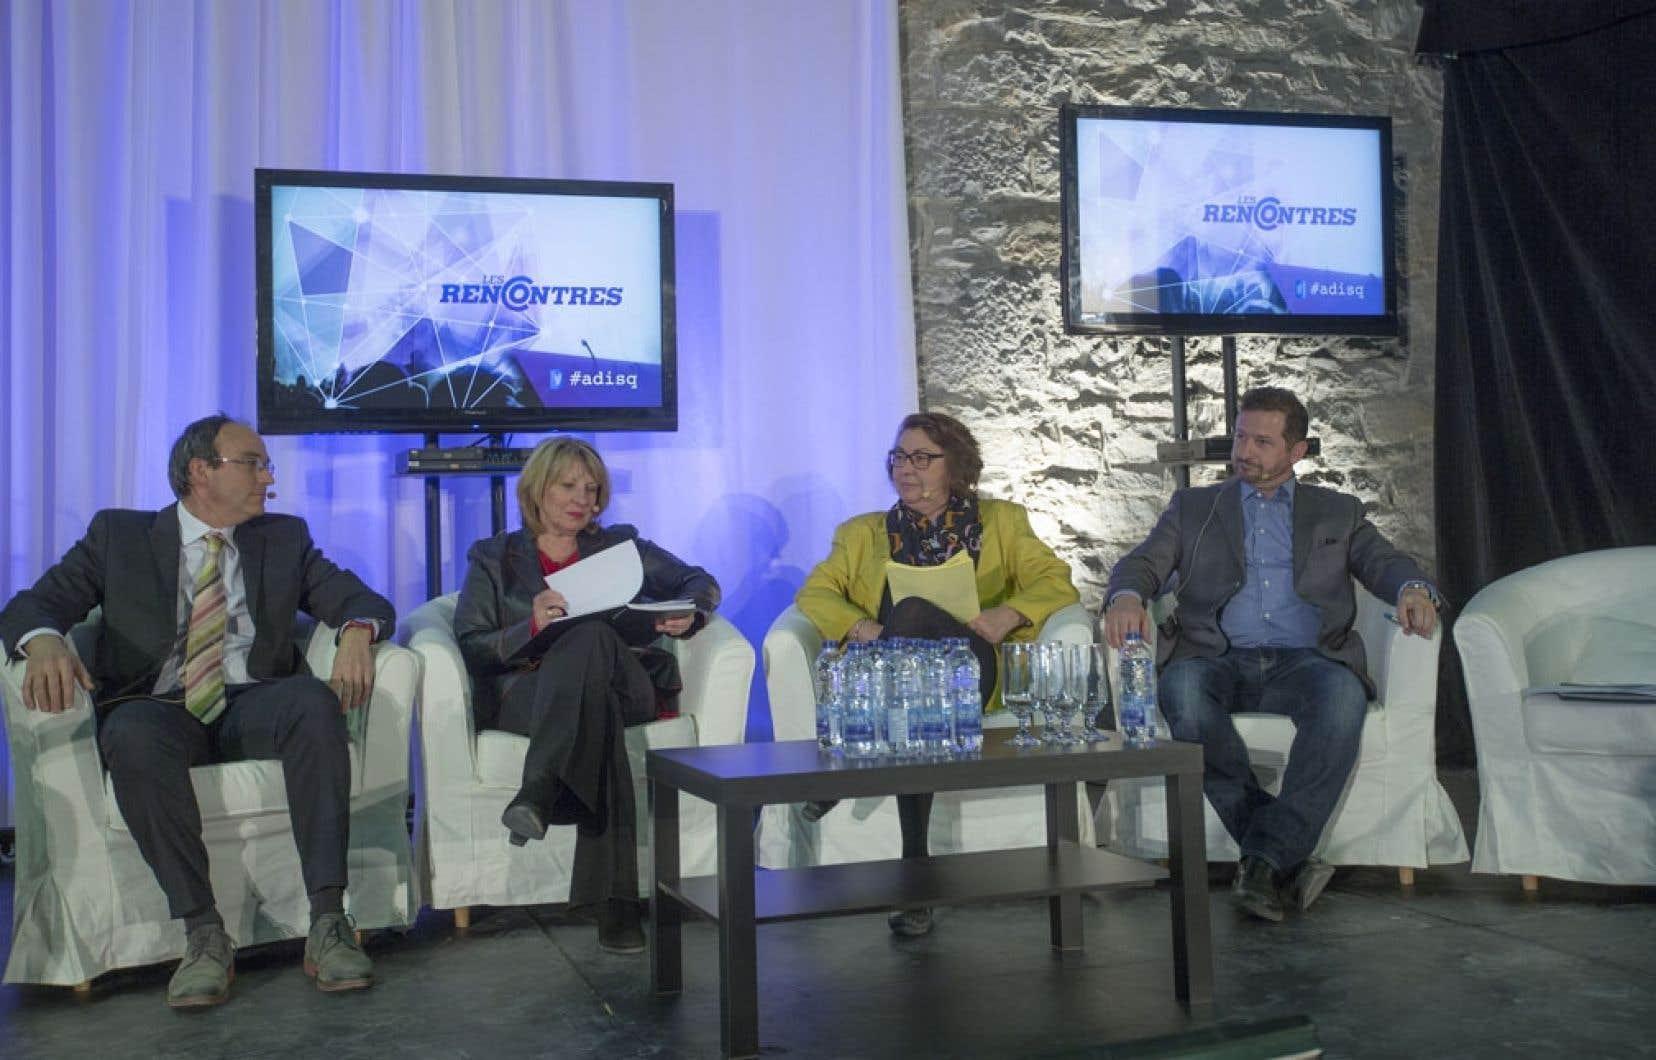 Pierre-Paul St-Onge de QS, Christine St-Pierre du PLQ, Claire Samson de la CAQ et Yves-François Blanchet du PQ ont discuté de culture dans le cadre des Rencontres de l'ADISQ, jeudi à Montréal.